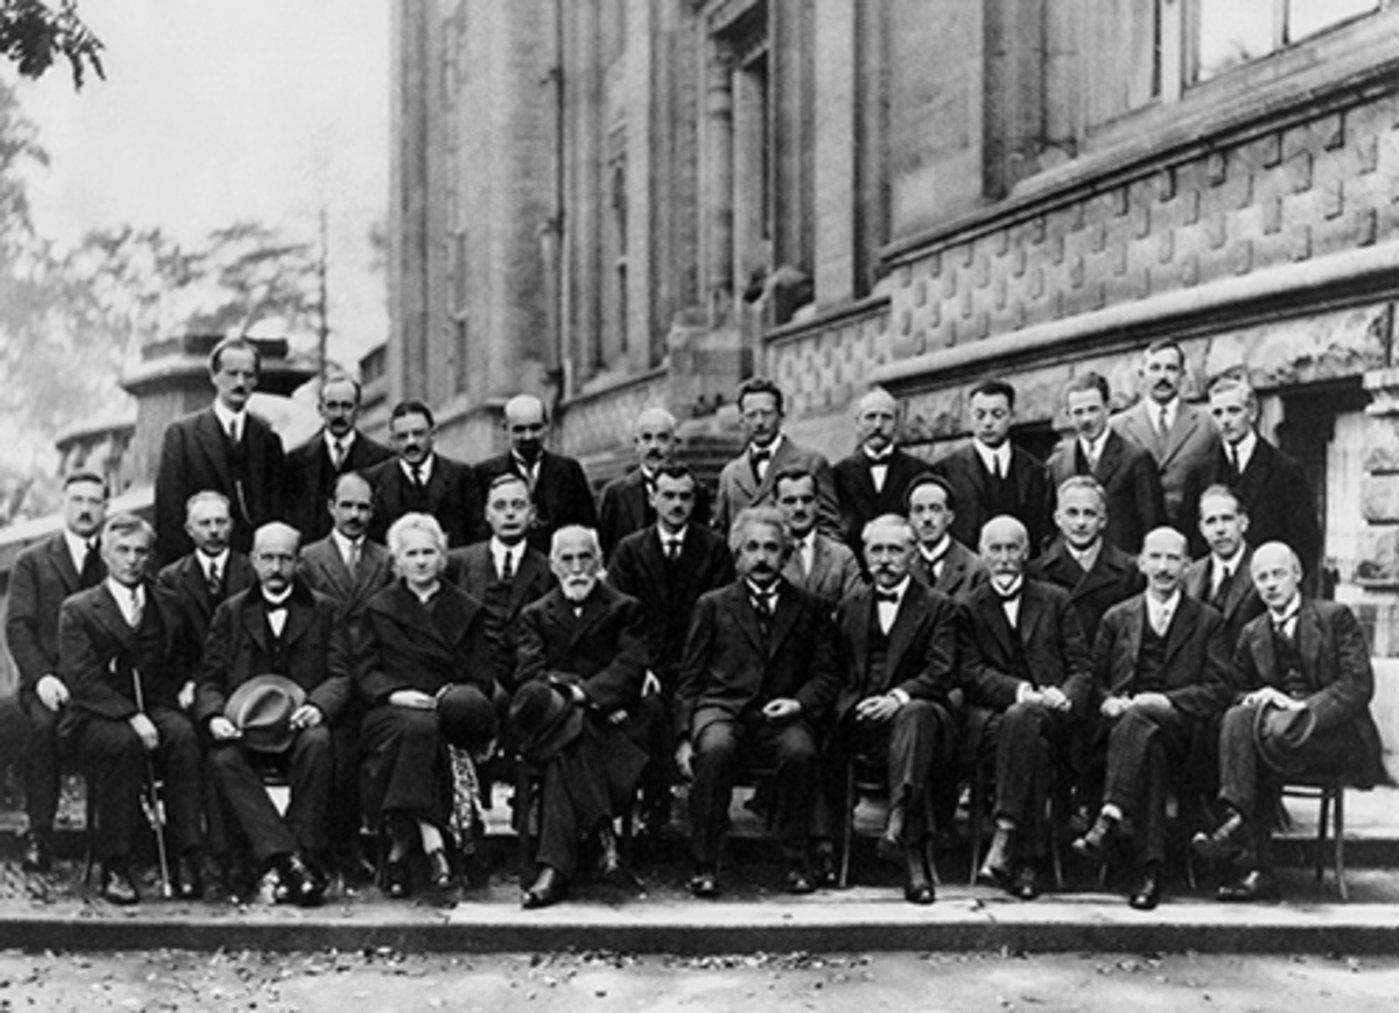 1927年的索尔维会议集合了当时为止人类历史上最天才的物理学家。( Photograph by Benjamin Couprie, Institut International de Physique Solvay, Brussels, Belgium)